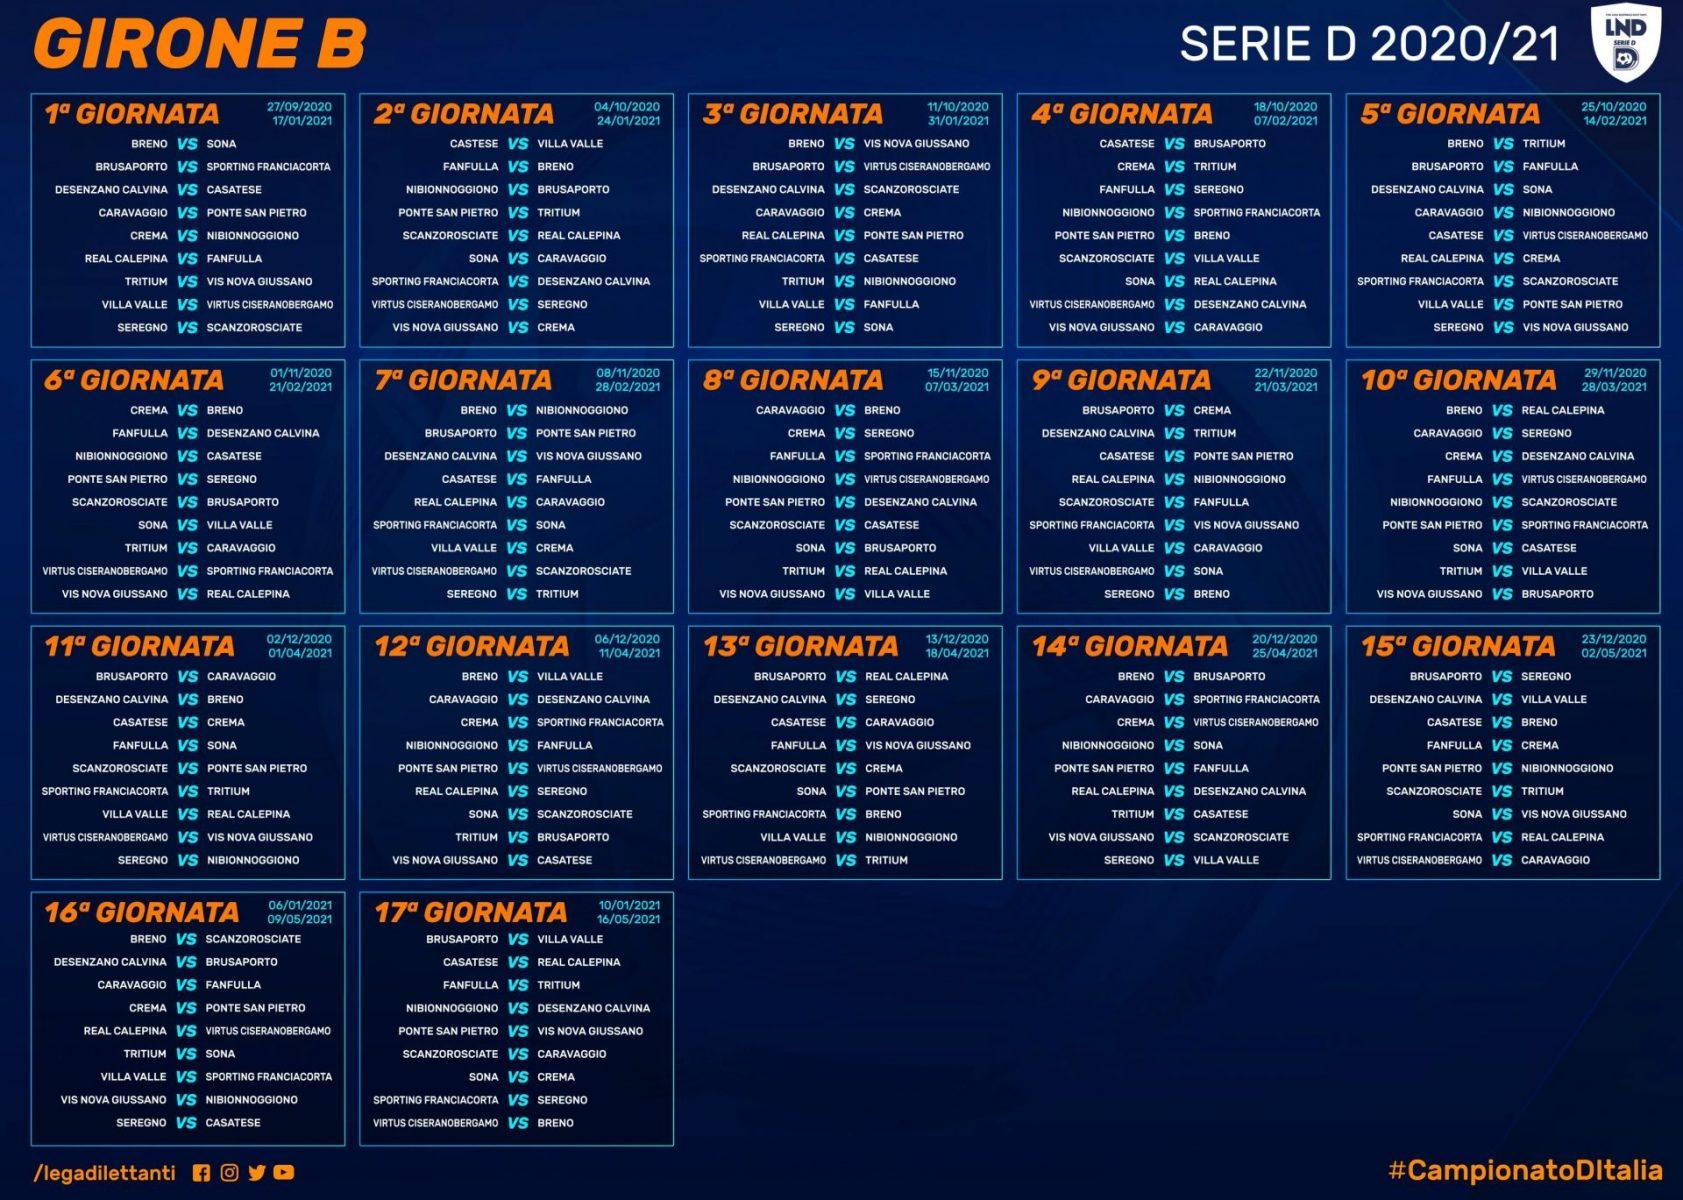 Il calendario del girone B Serie D 2020 2021: Villa d'Almè